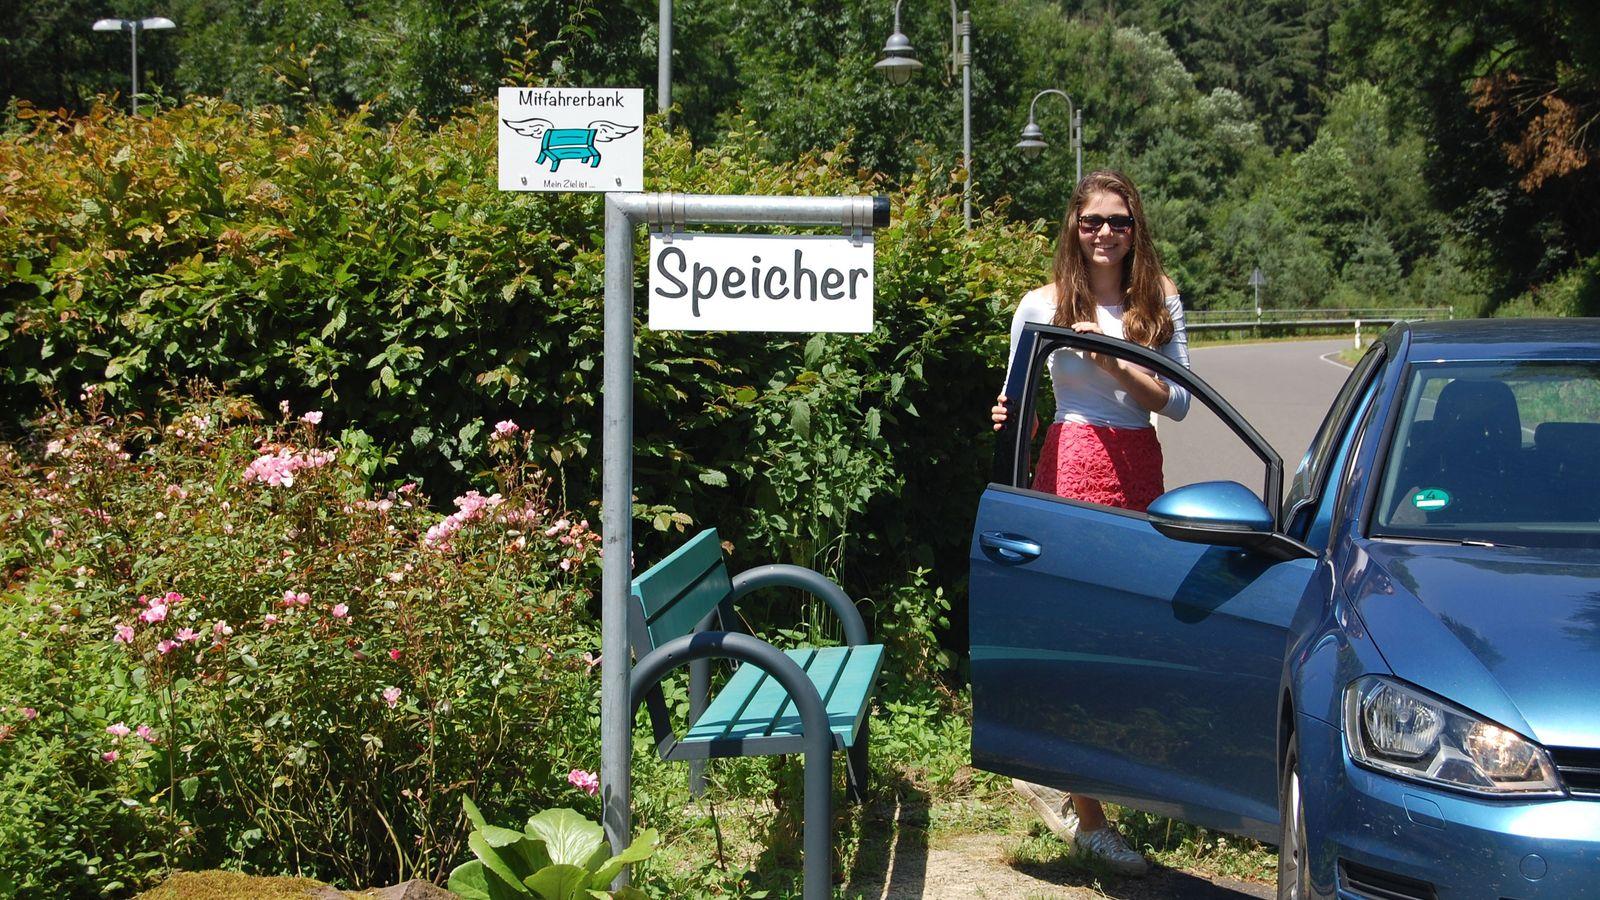 Mitfahrerbank in Speicher in der Eifel